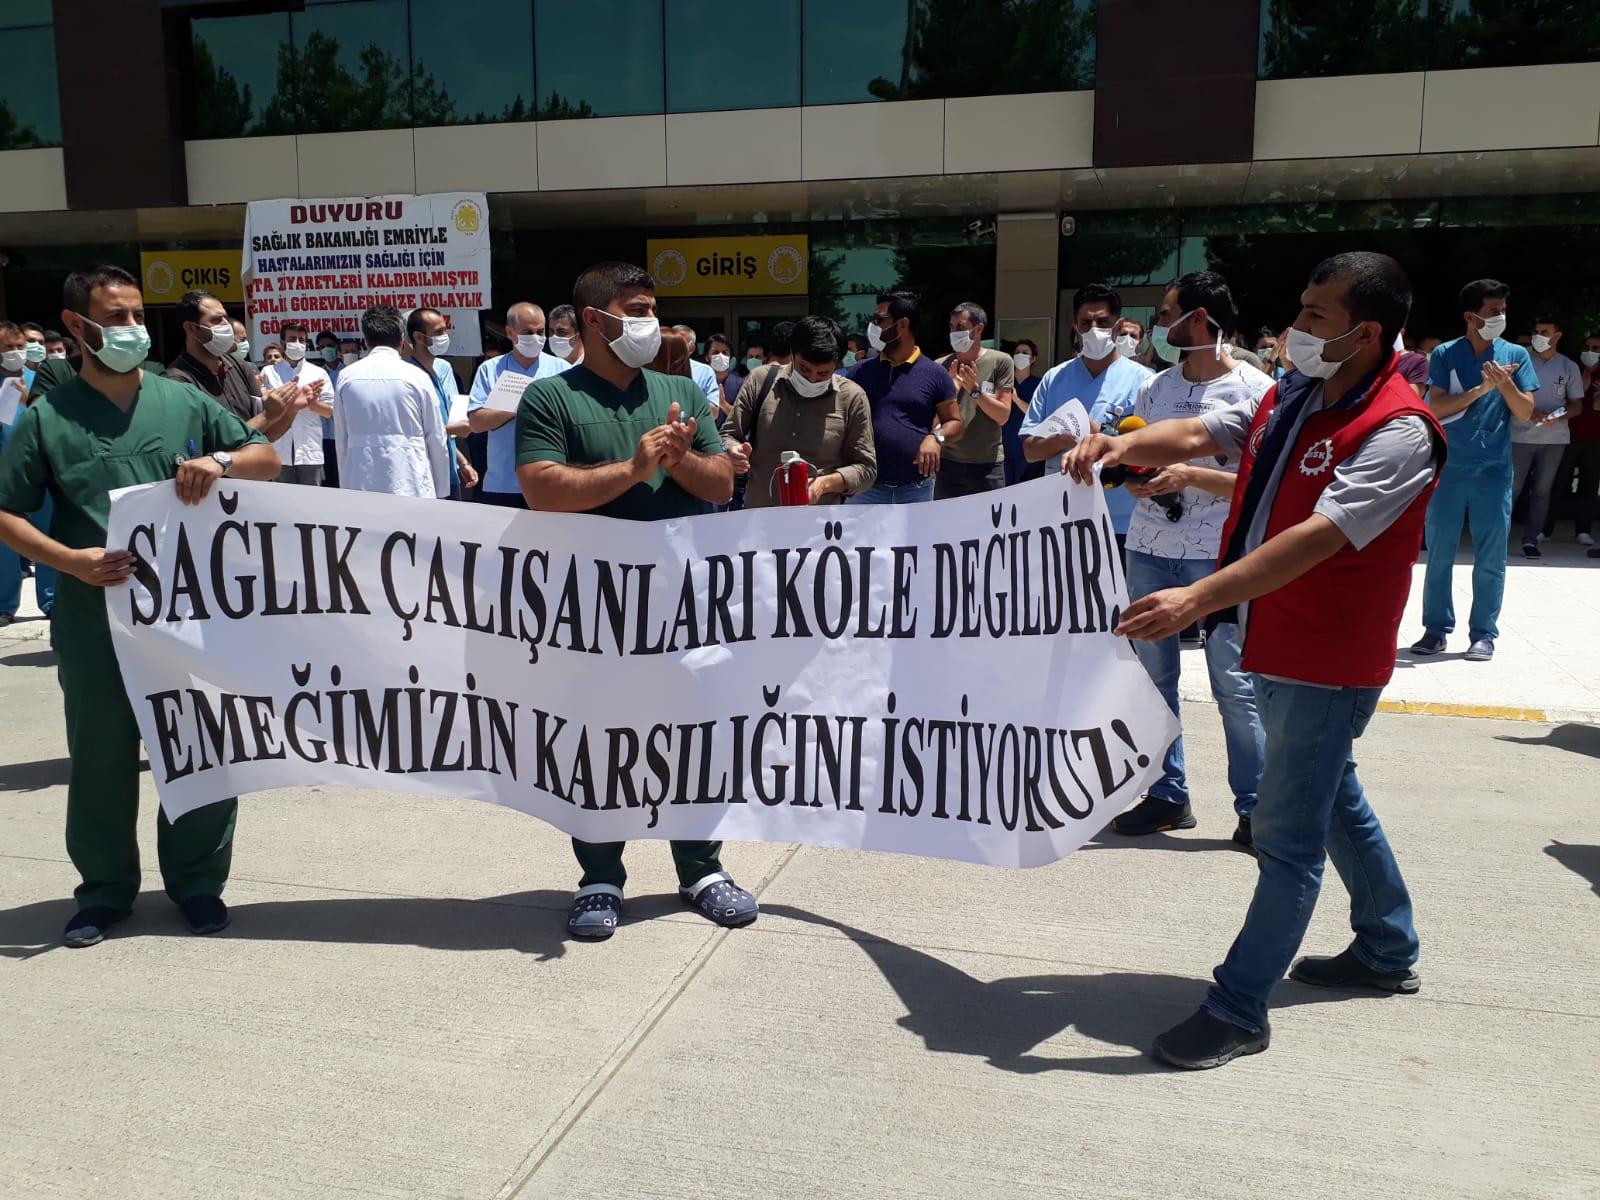 Diyarbakır: Pandemi ile Mücadelede Ayrımcılık Olmaz! Sağlık Hizmeti Ekip İşidir